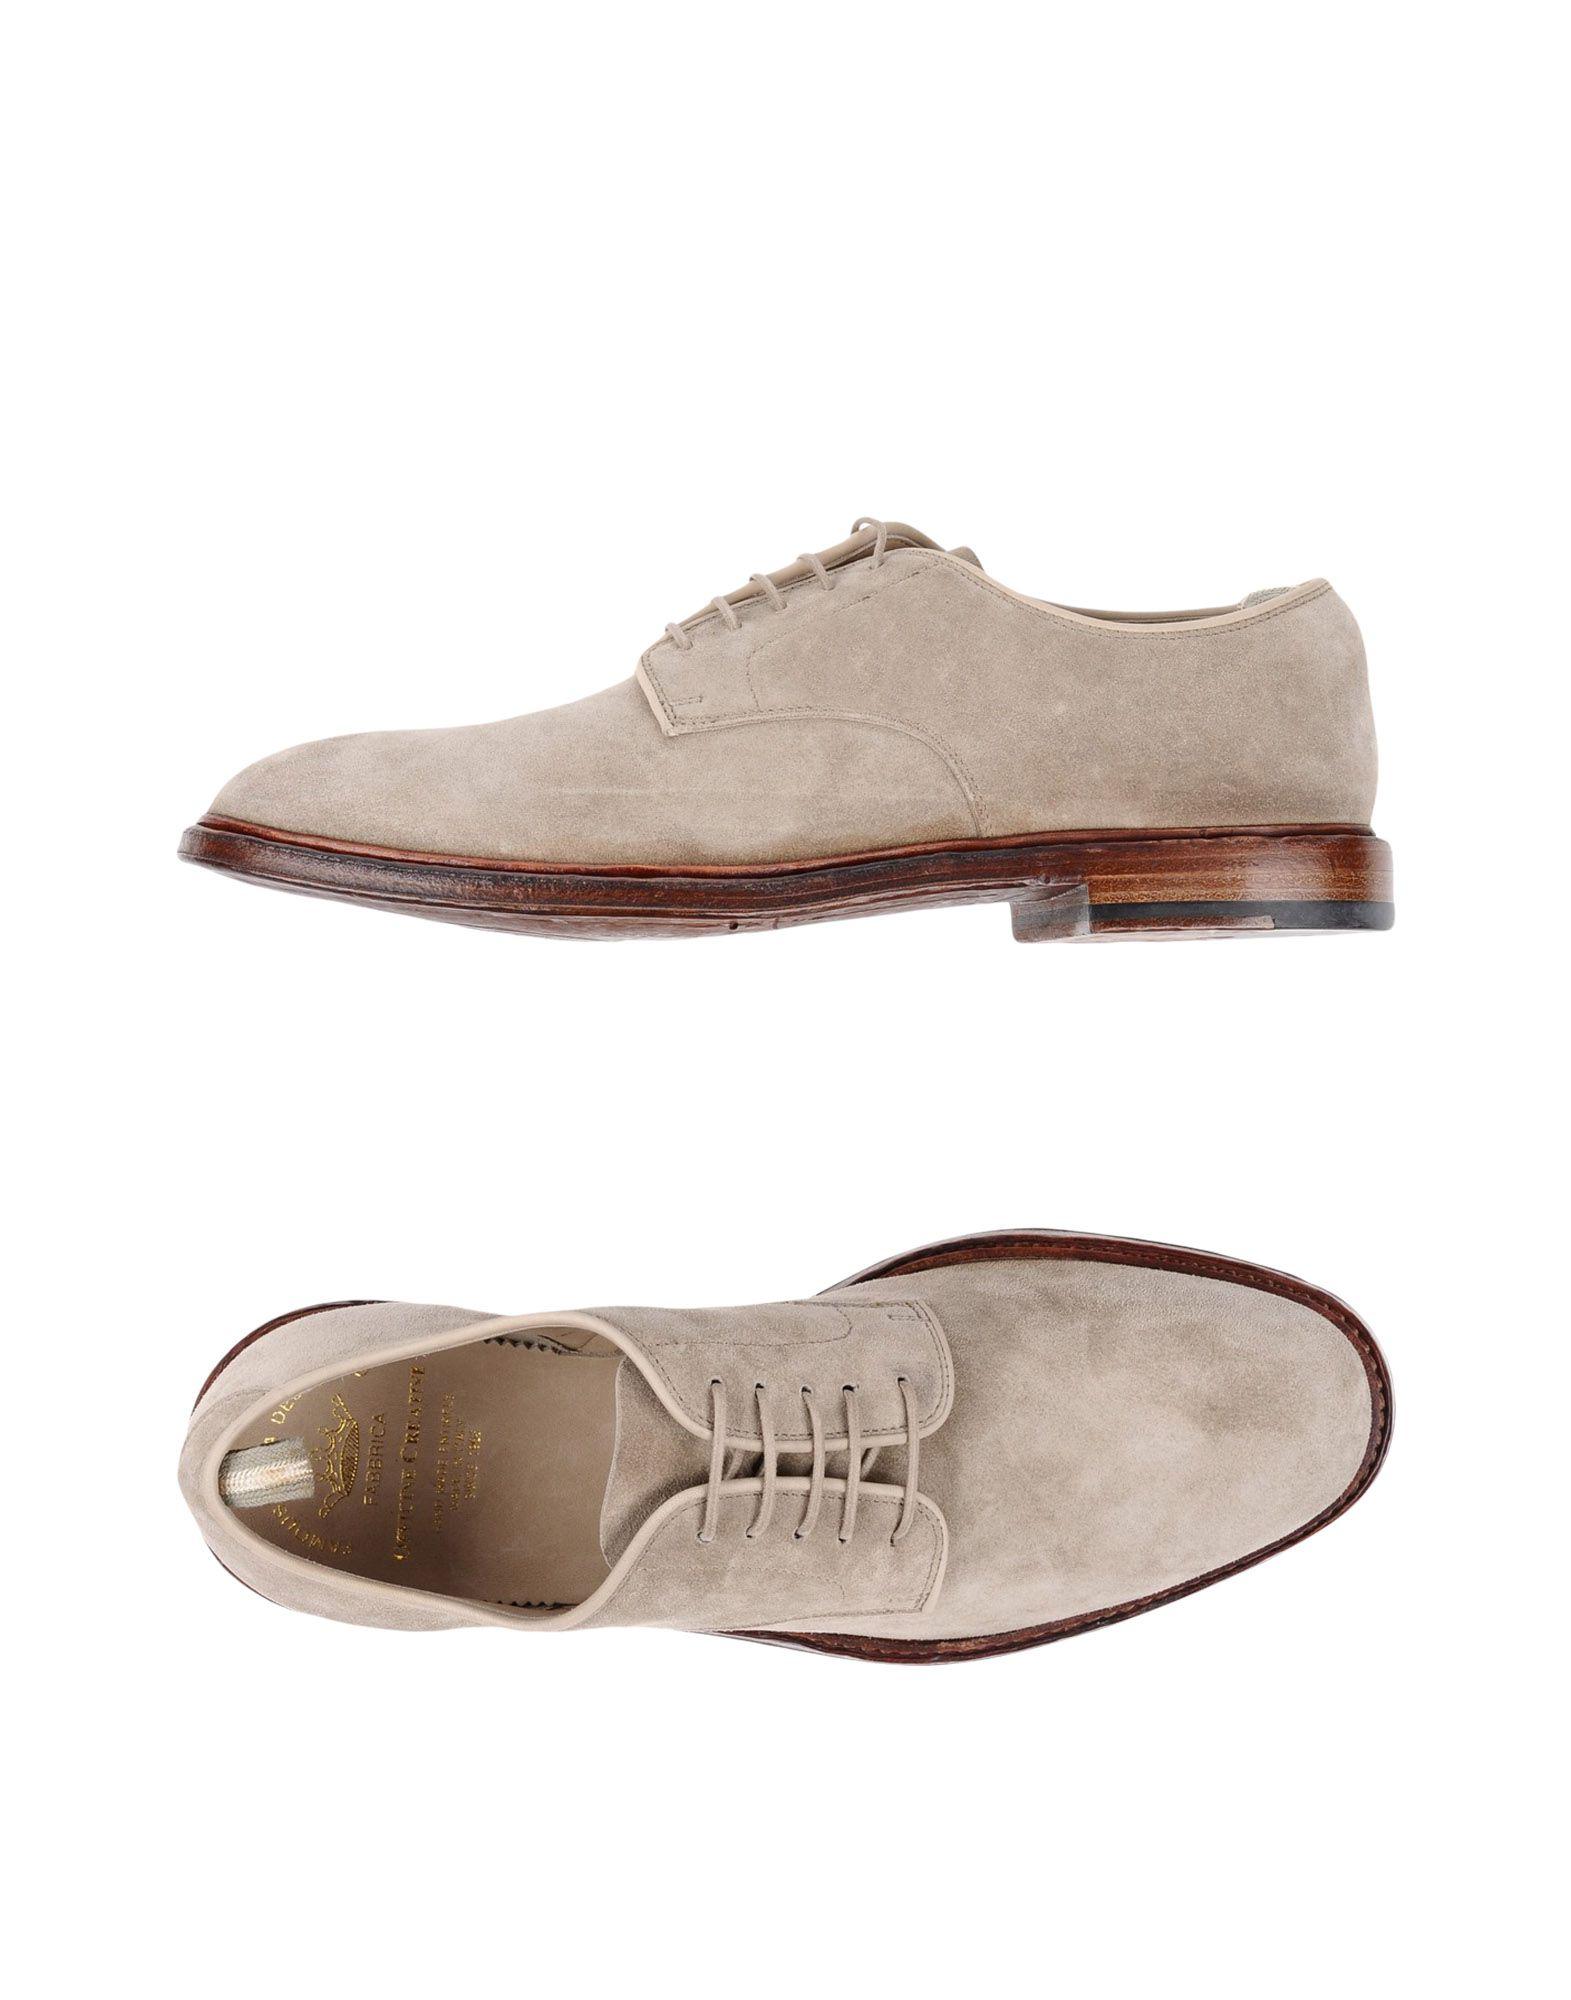 Chaussures À Lacets Officine Creative Italia Homme - Chaussures À Lacets Officine Creative Italia sur